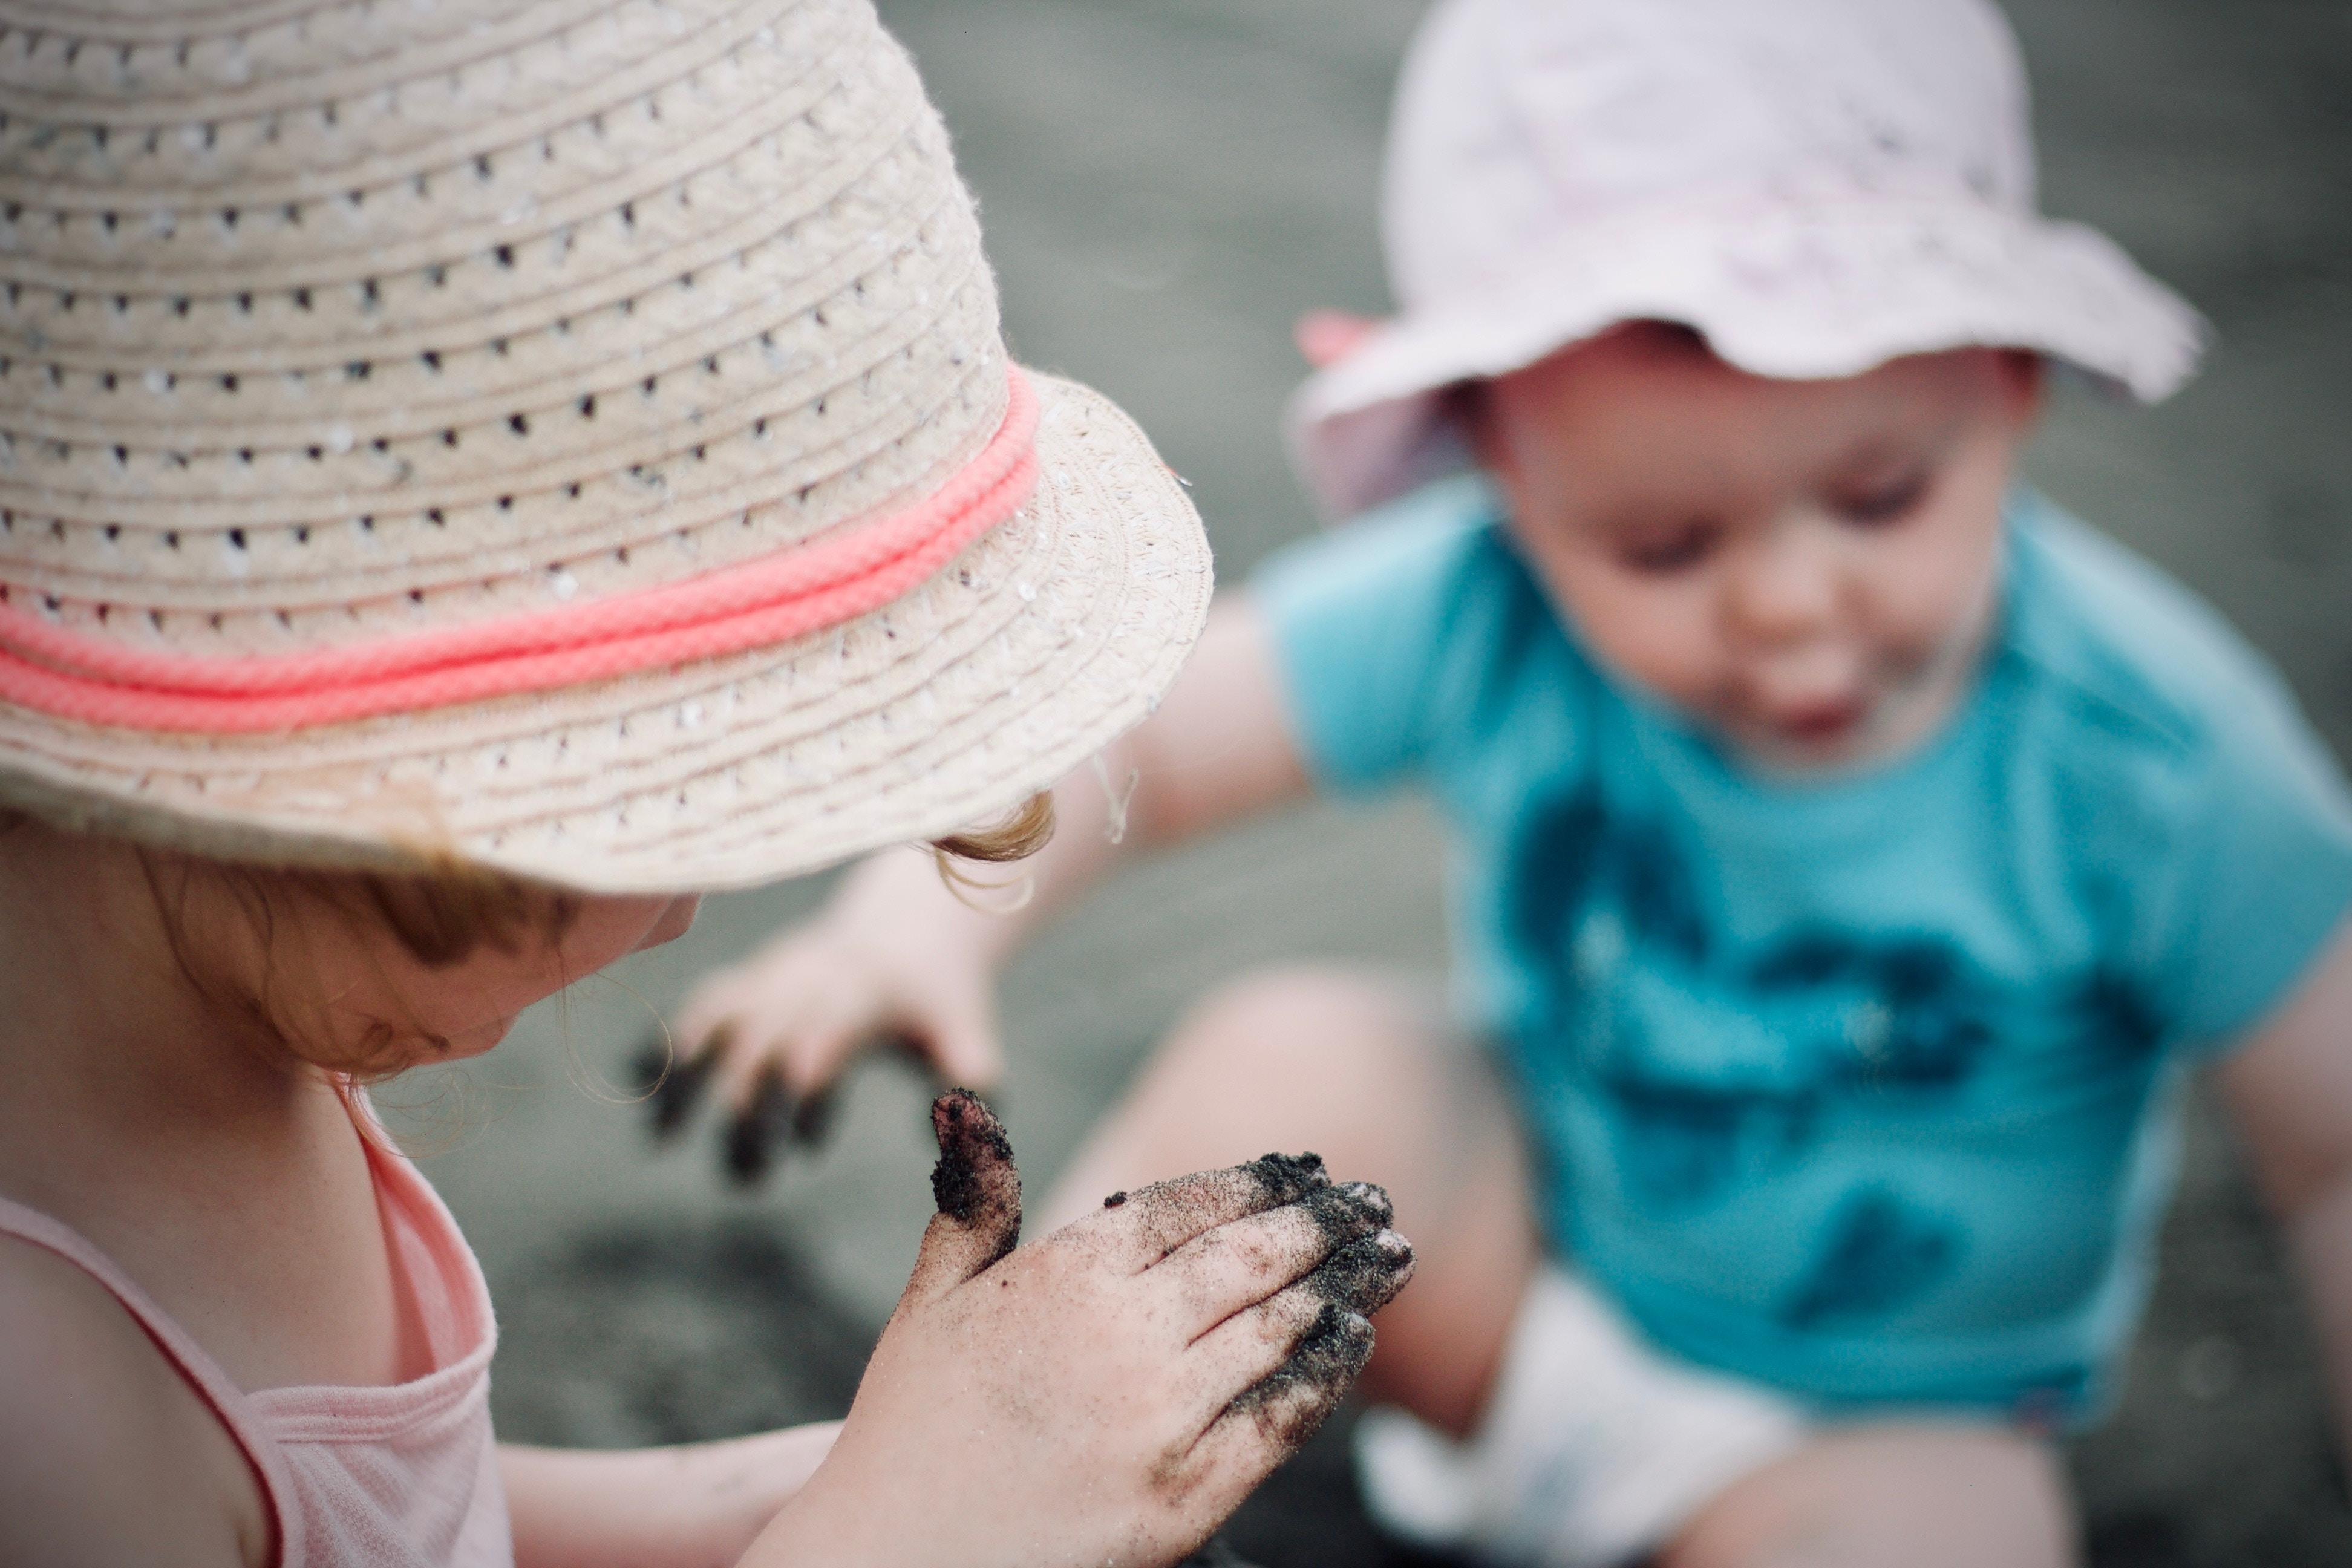 Ce fac când copilul meu este agresat de alt copil?